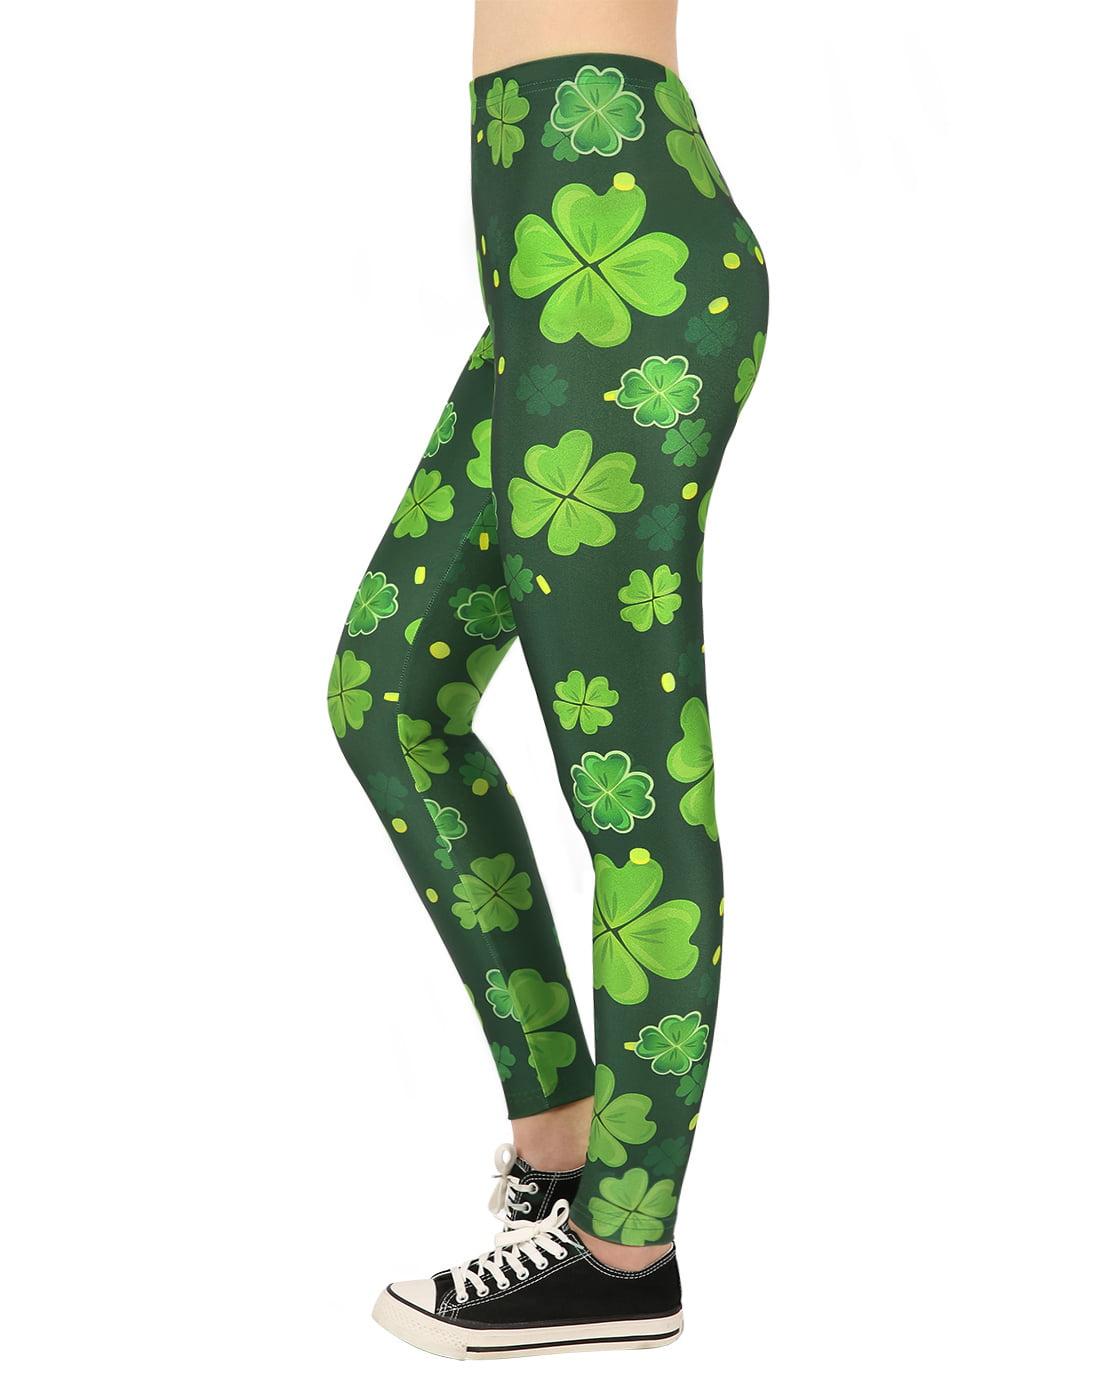 HDE Saint Patricks Day Leggings for Women St Pattys 4 Leaf Clover Shamrock Pants - XX-Large